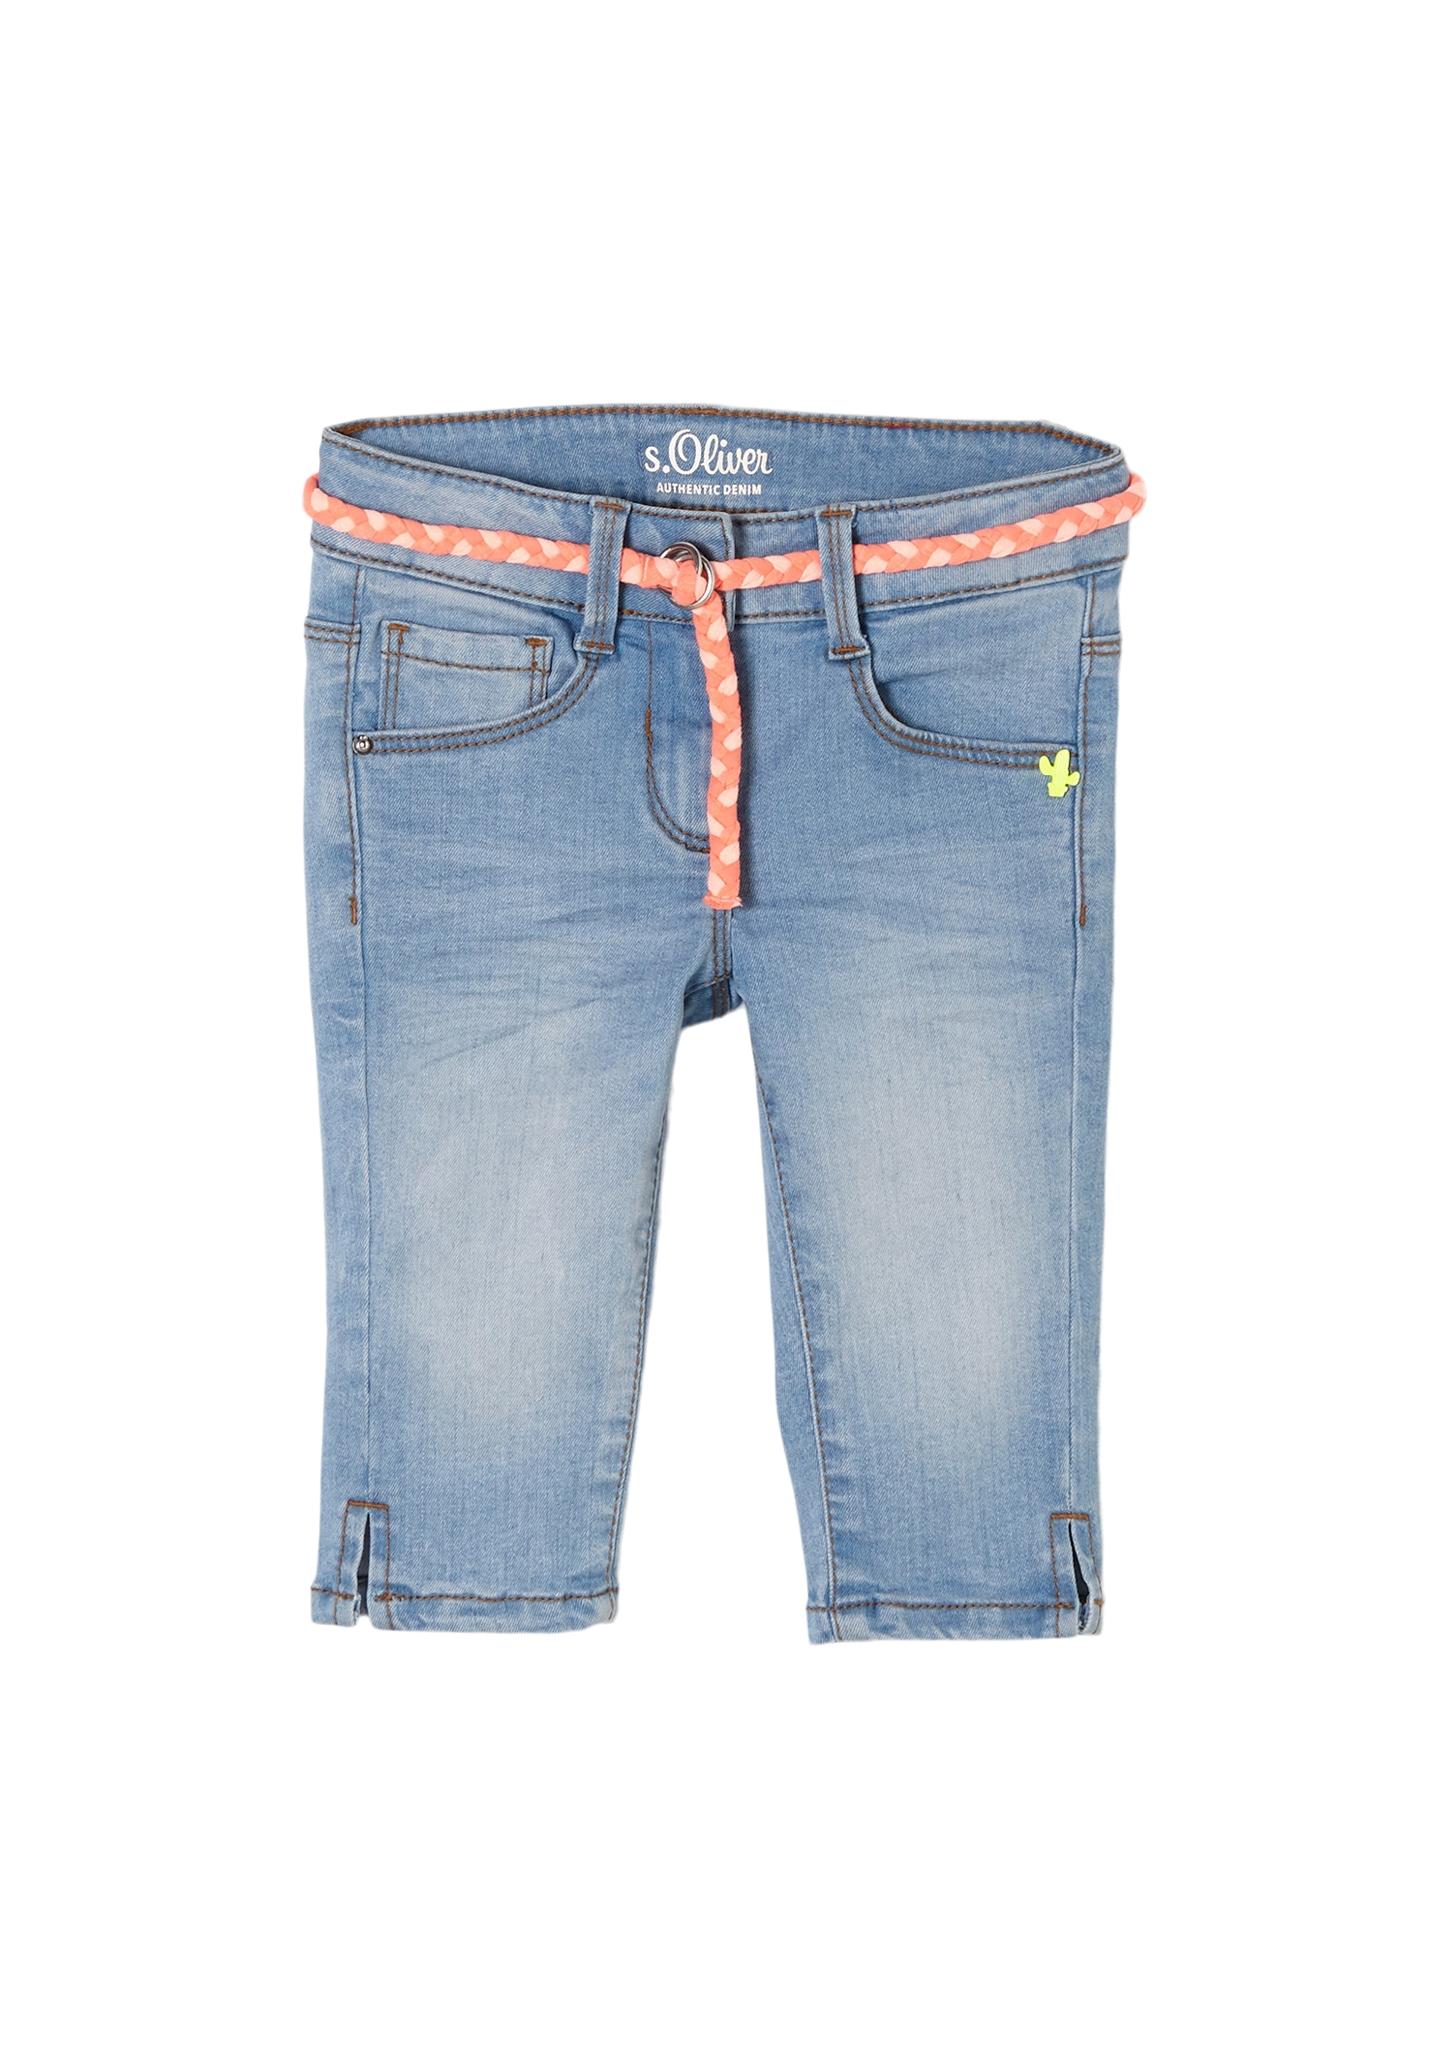 Denim/Lyocellmix-Jeans